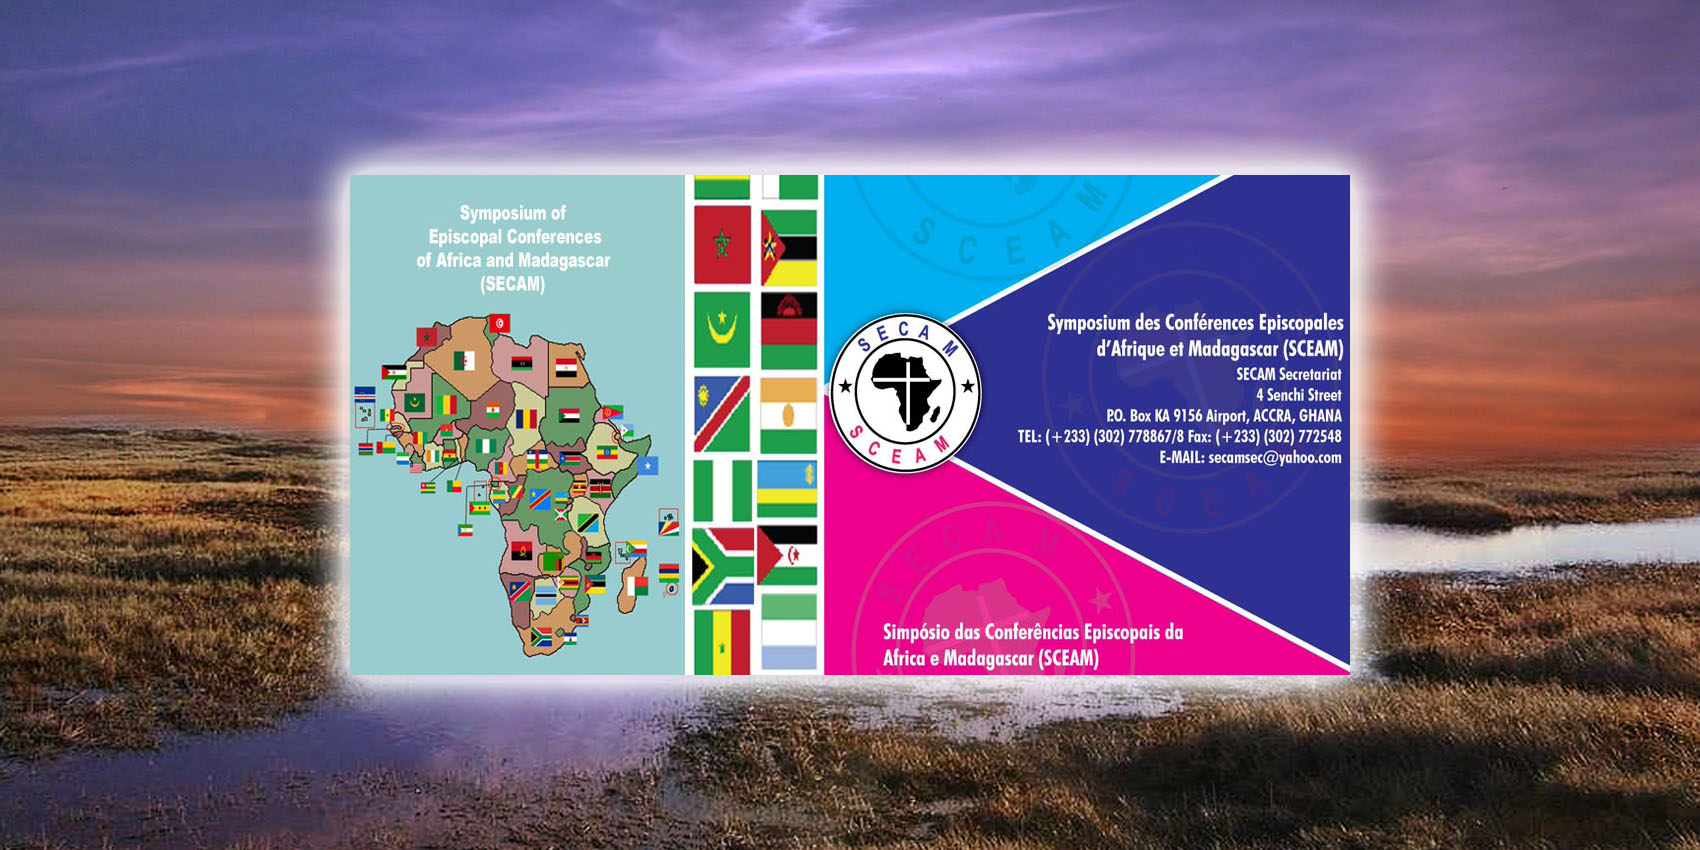 Répondre aux besoins de protection et de gestion des forêts équatoriales d'Afrique à travers le Réseau Ecclésial du bassin du Congoå